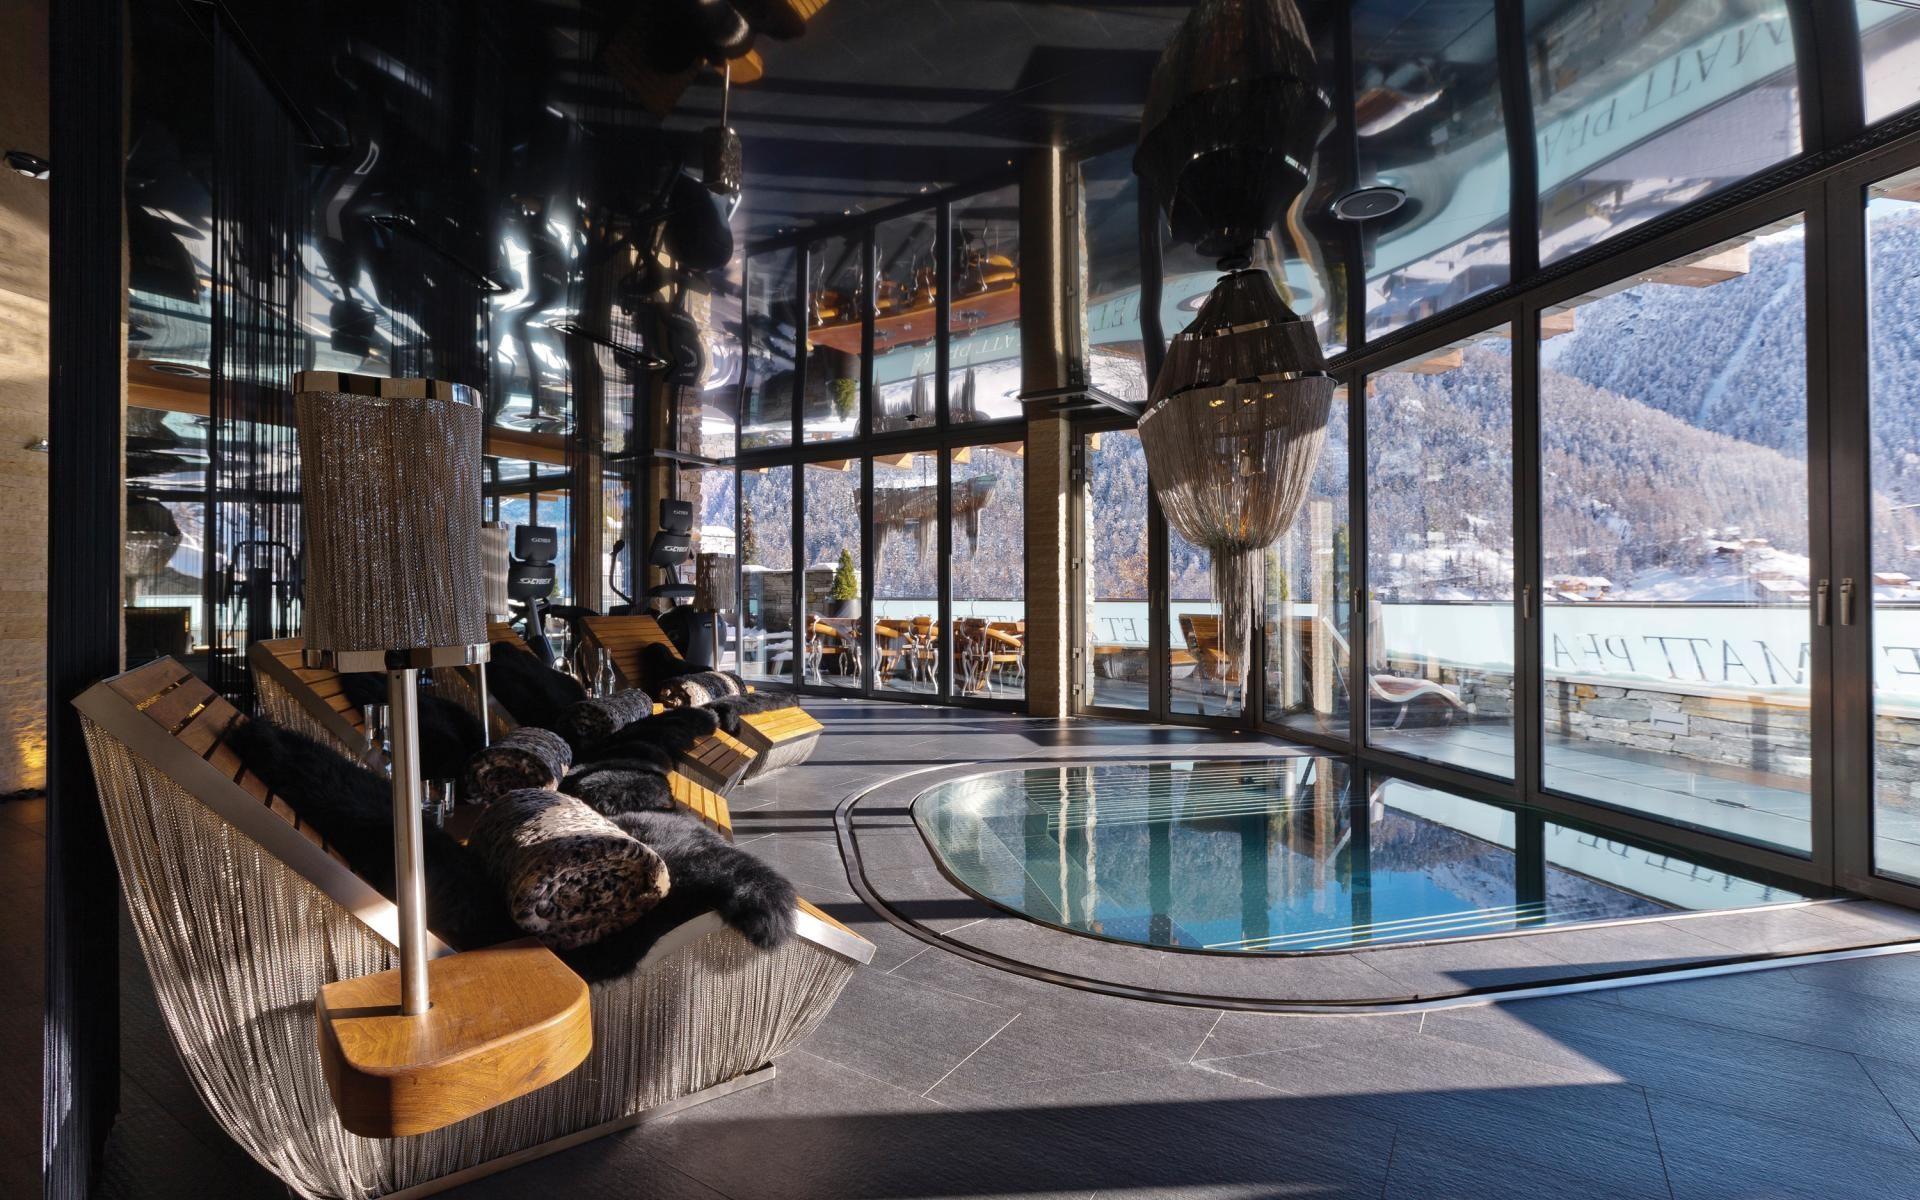 the indoor/outdoor jacuzzi pool in the spa at chalet zermatt peak